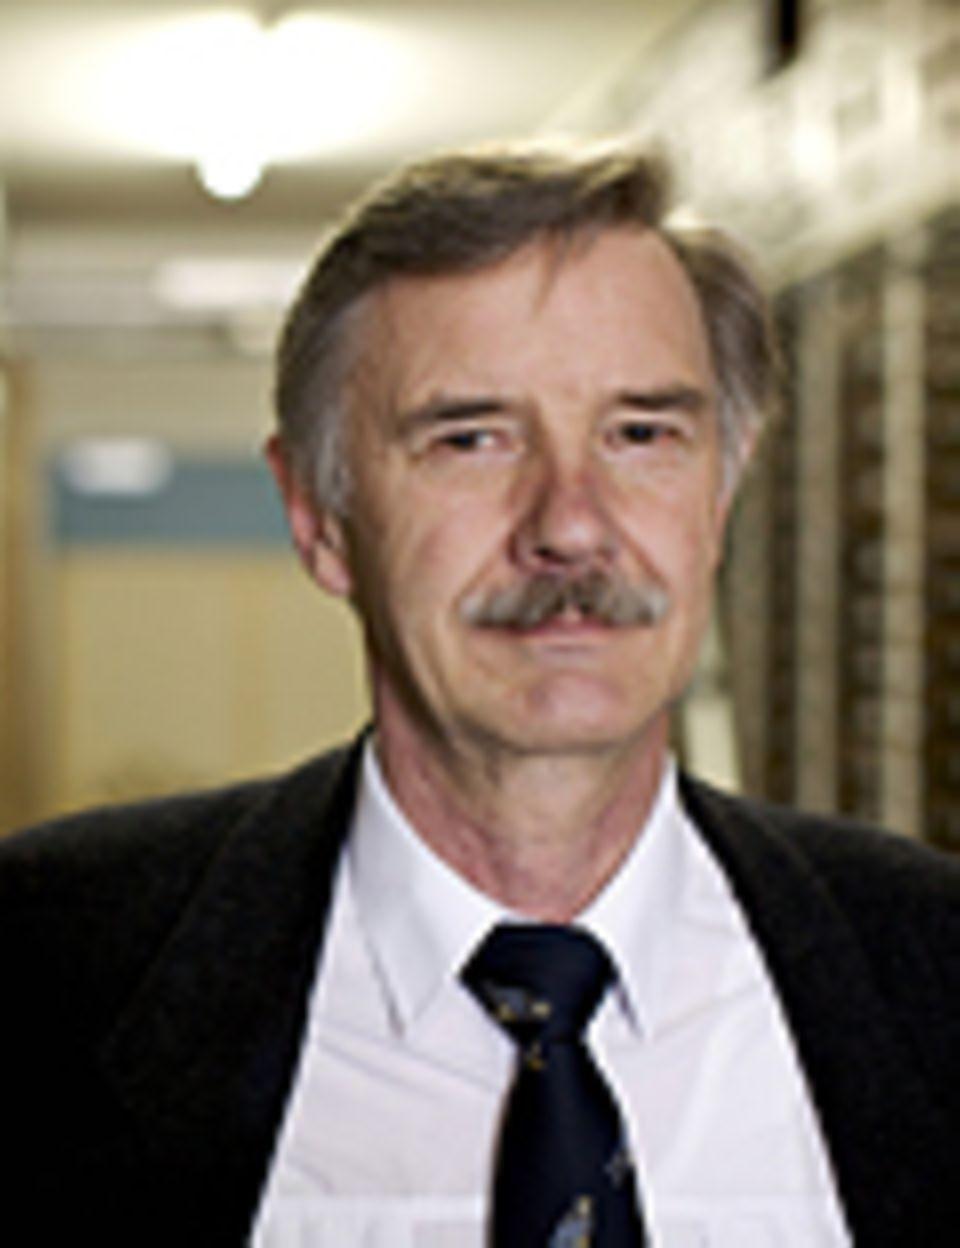 """Invasive Arten: Josef Reichholf lehrte bis 2010 als Professor an beiden Münchner Universitäten zum Thema Naturschutz, Ökologie und Evolutionsbiologie. Seine hier vorgestellten Thesen vertieft er unter anderem in seinem Buch """"Die Zukunft der Arten"""""""